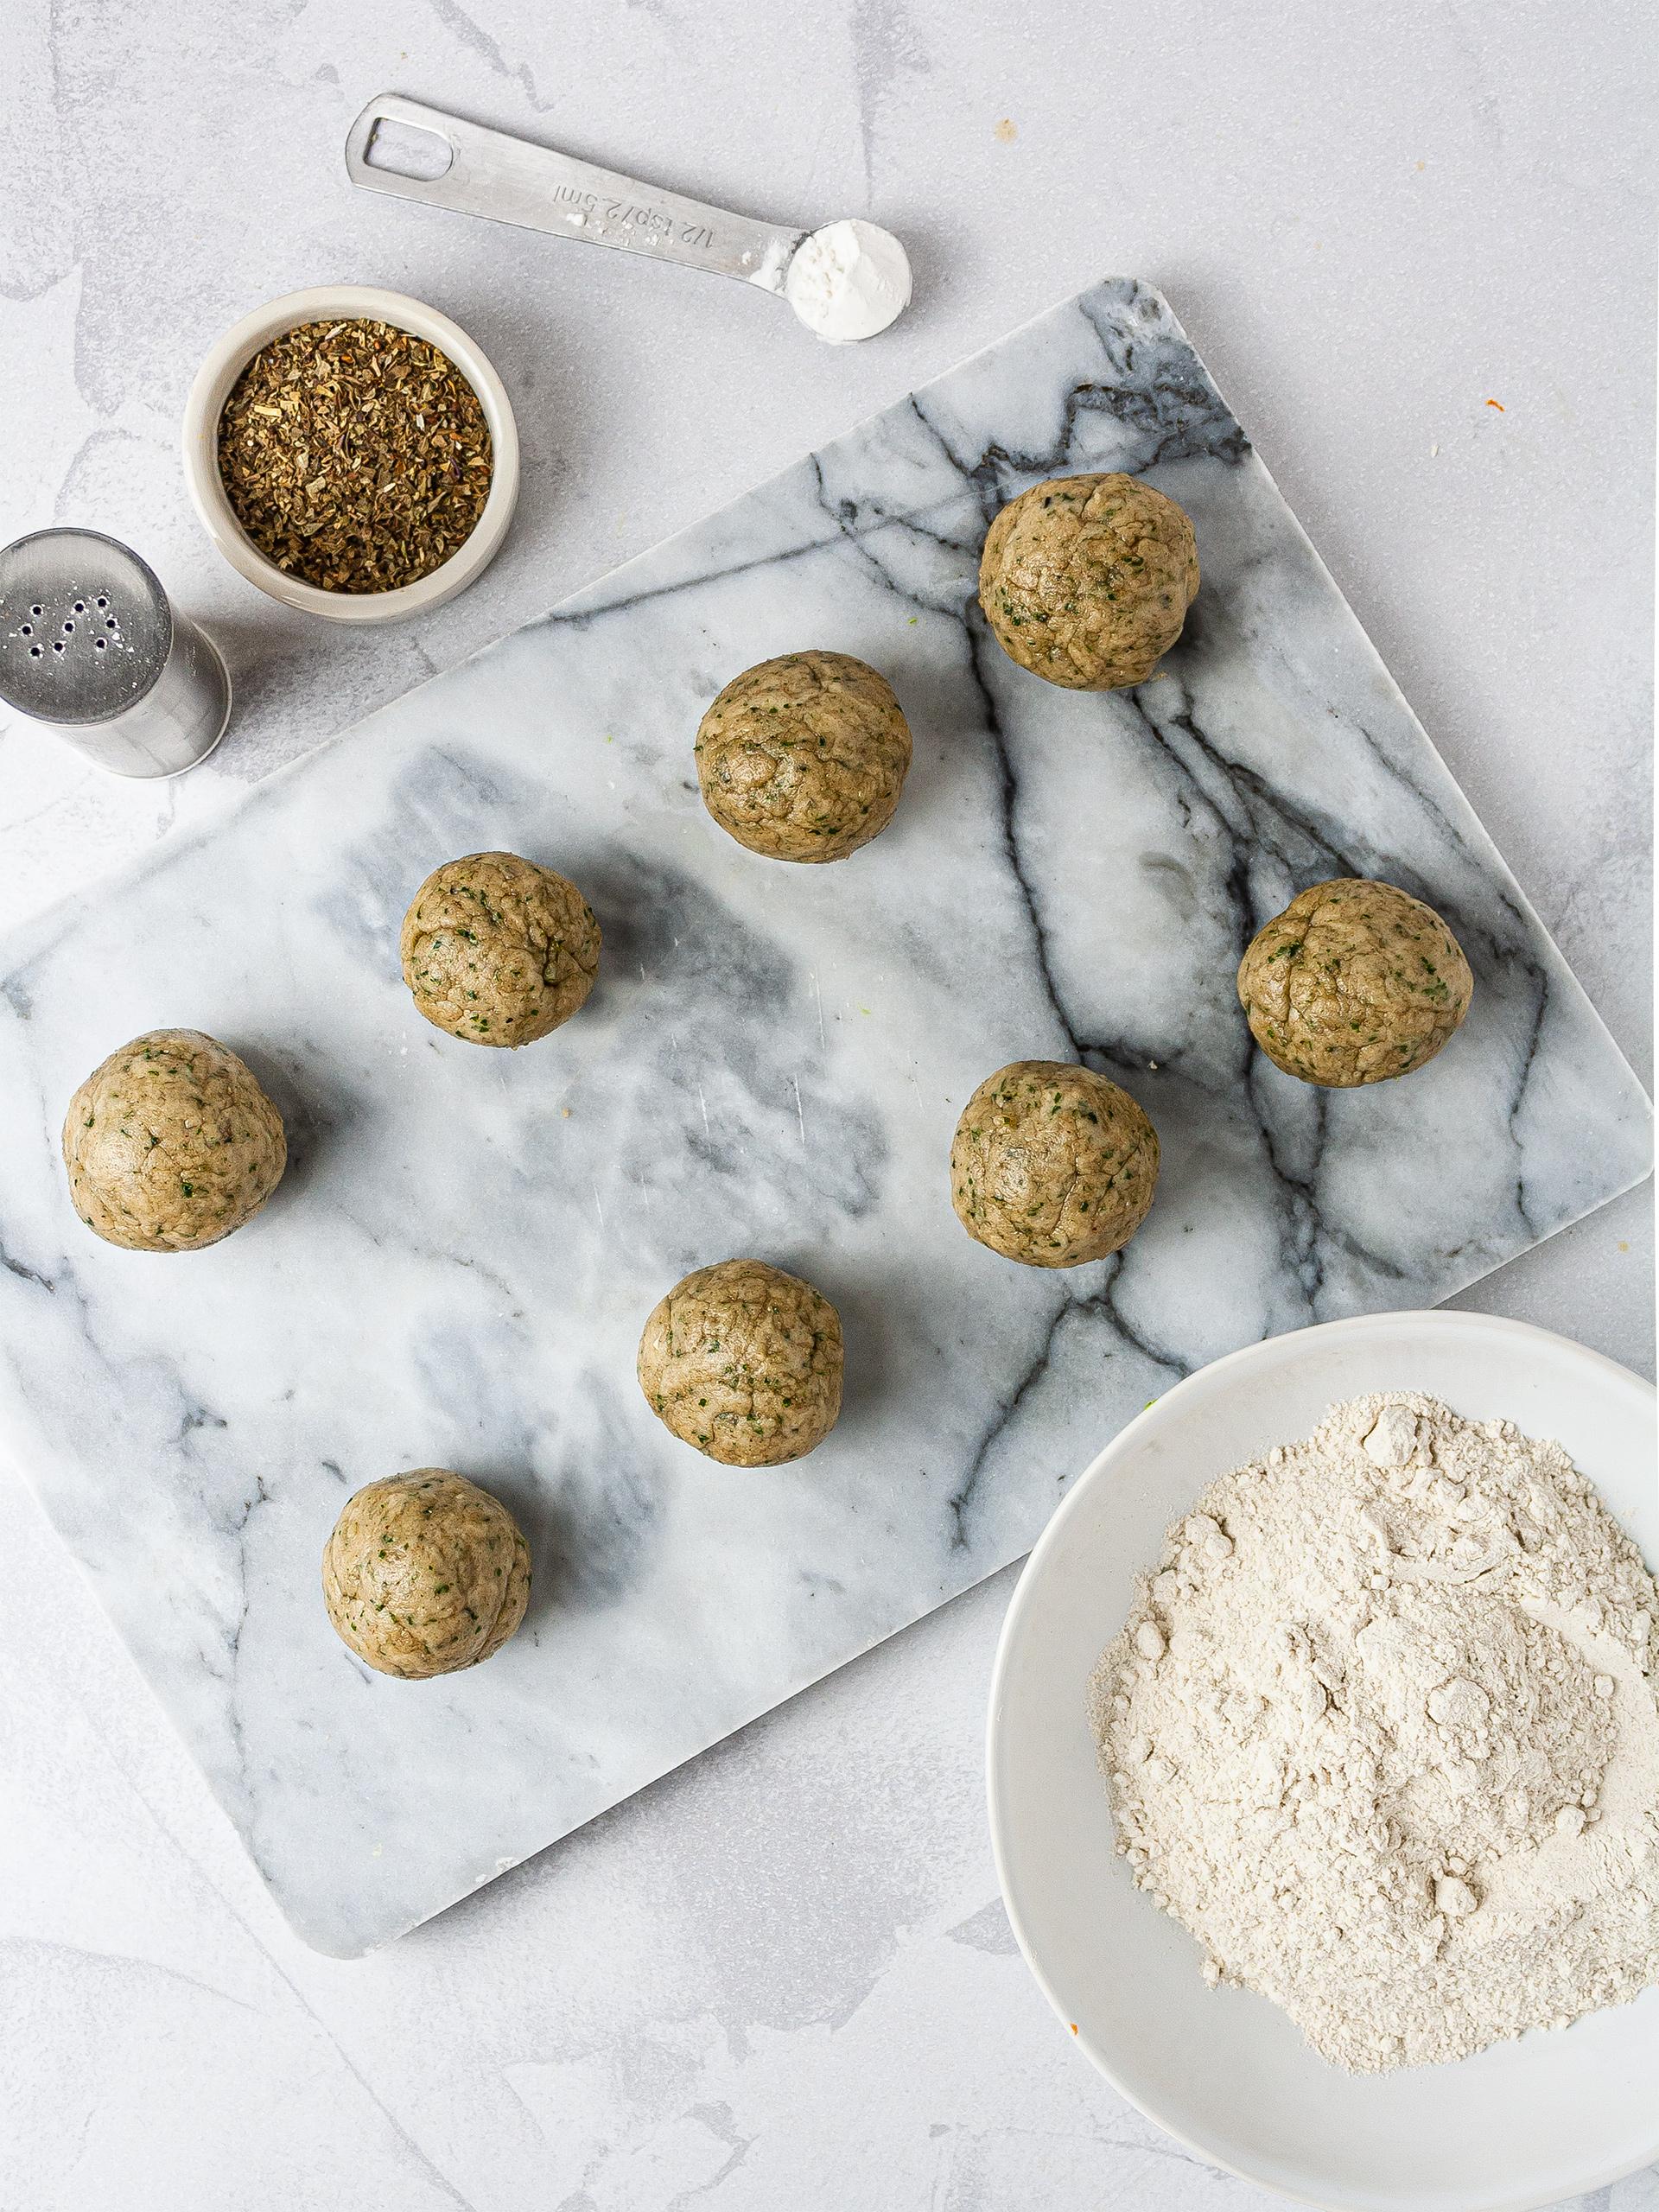 Gluten-free dumplings made with buckwheat flour, salt, oil, and herbs.